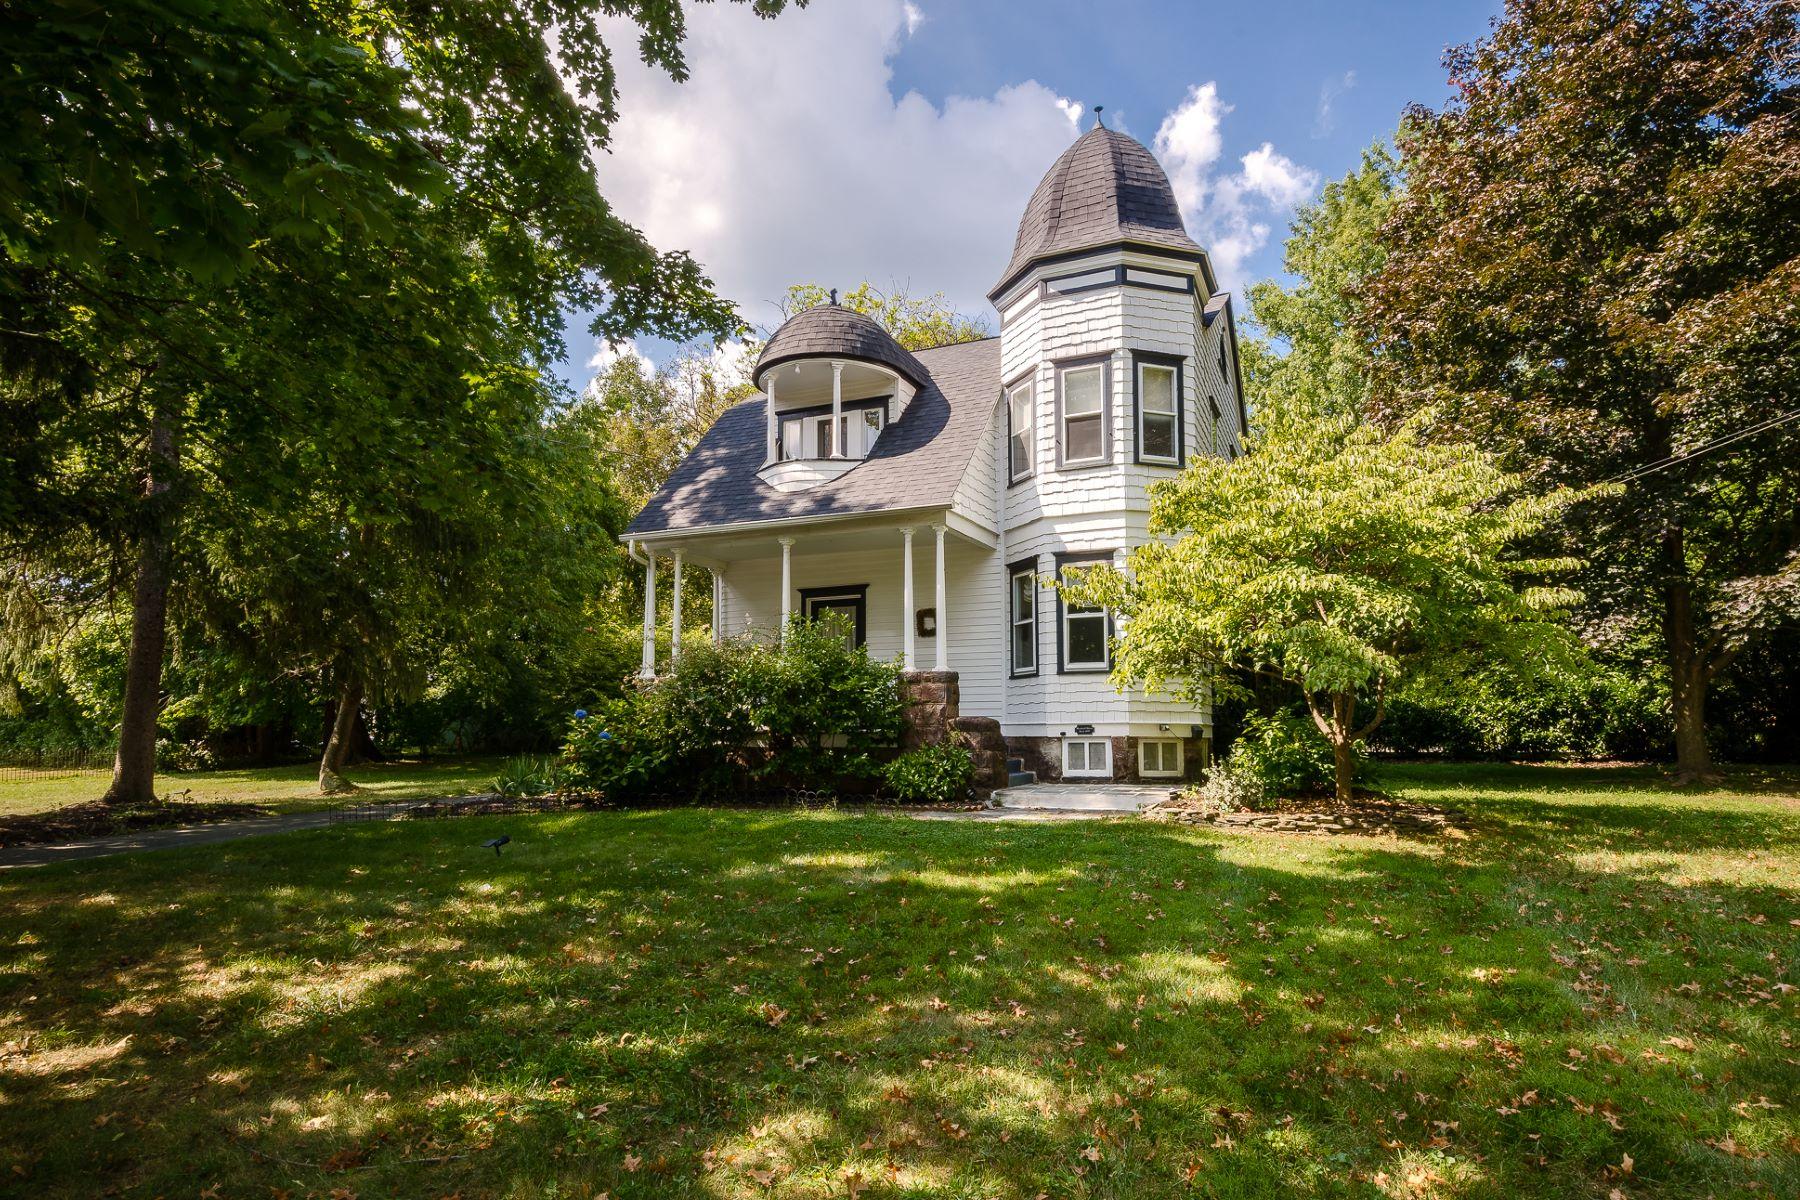 Vivienda unifamiliar por un Venta en Timeless And Elegant 146 Summit Avenue, Ewing, Nueva Jersey 08628 Estados UnidosEn/Alrededor: Ewing Township